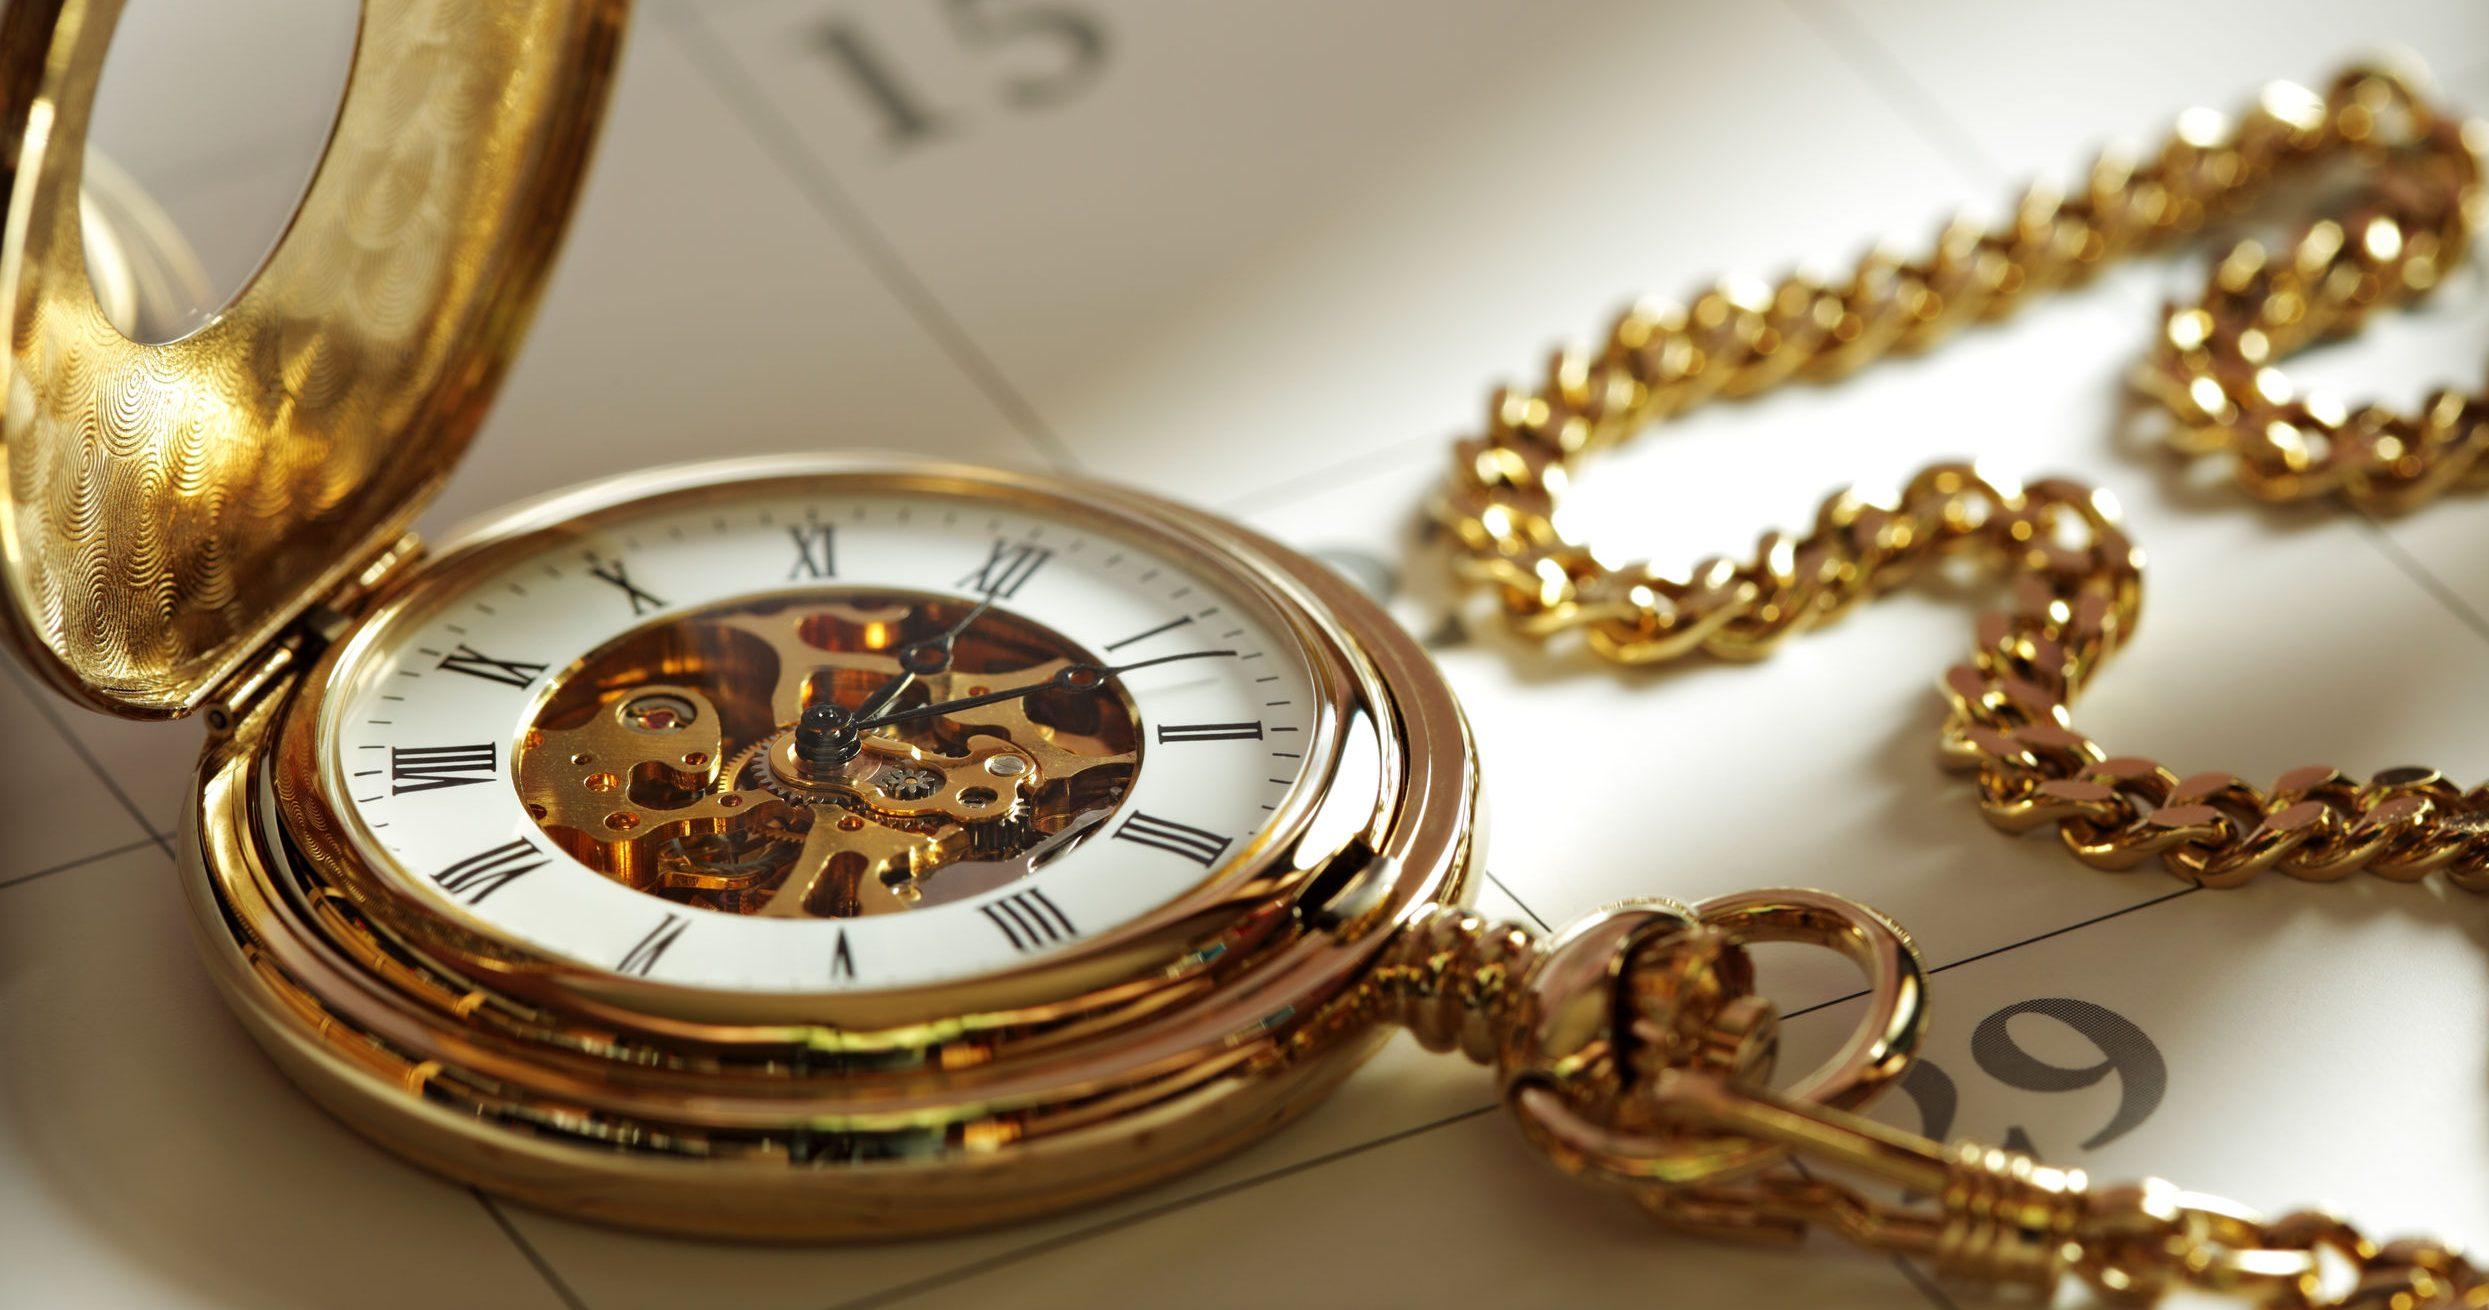 golden watch on a calendar